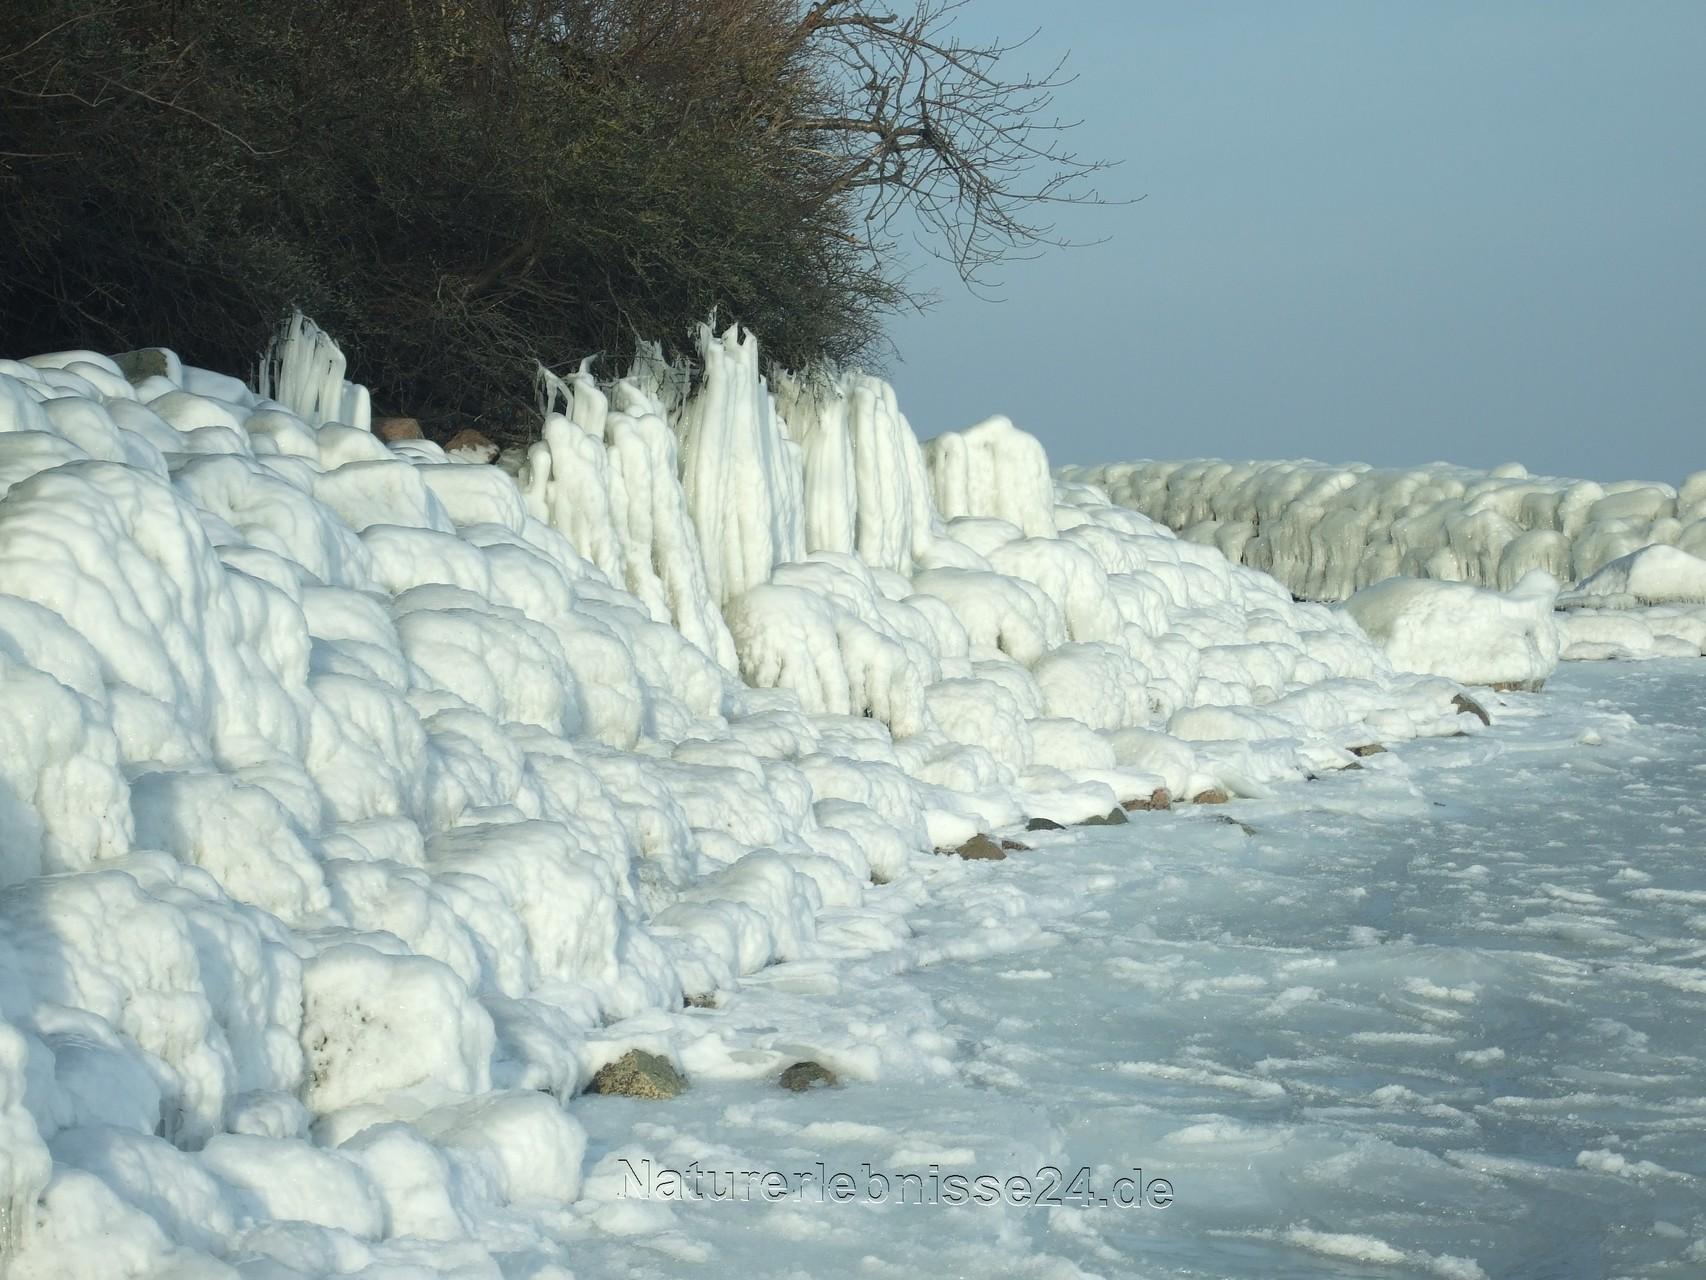 Ohne Wasser, keinen weißen Winter